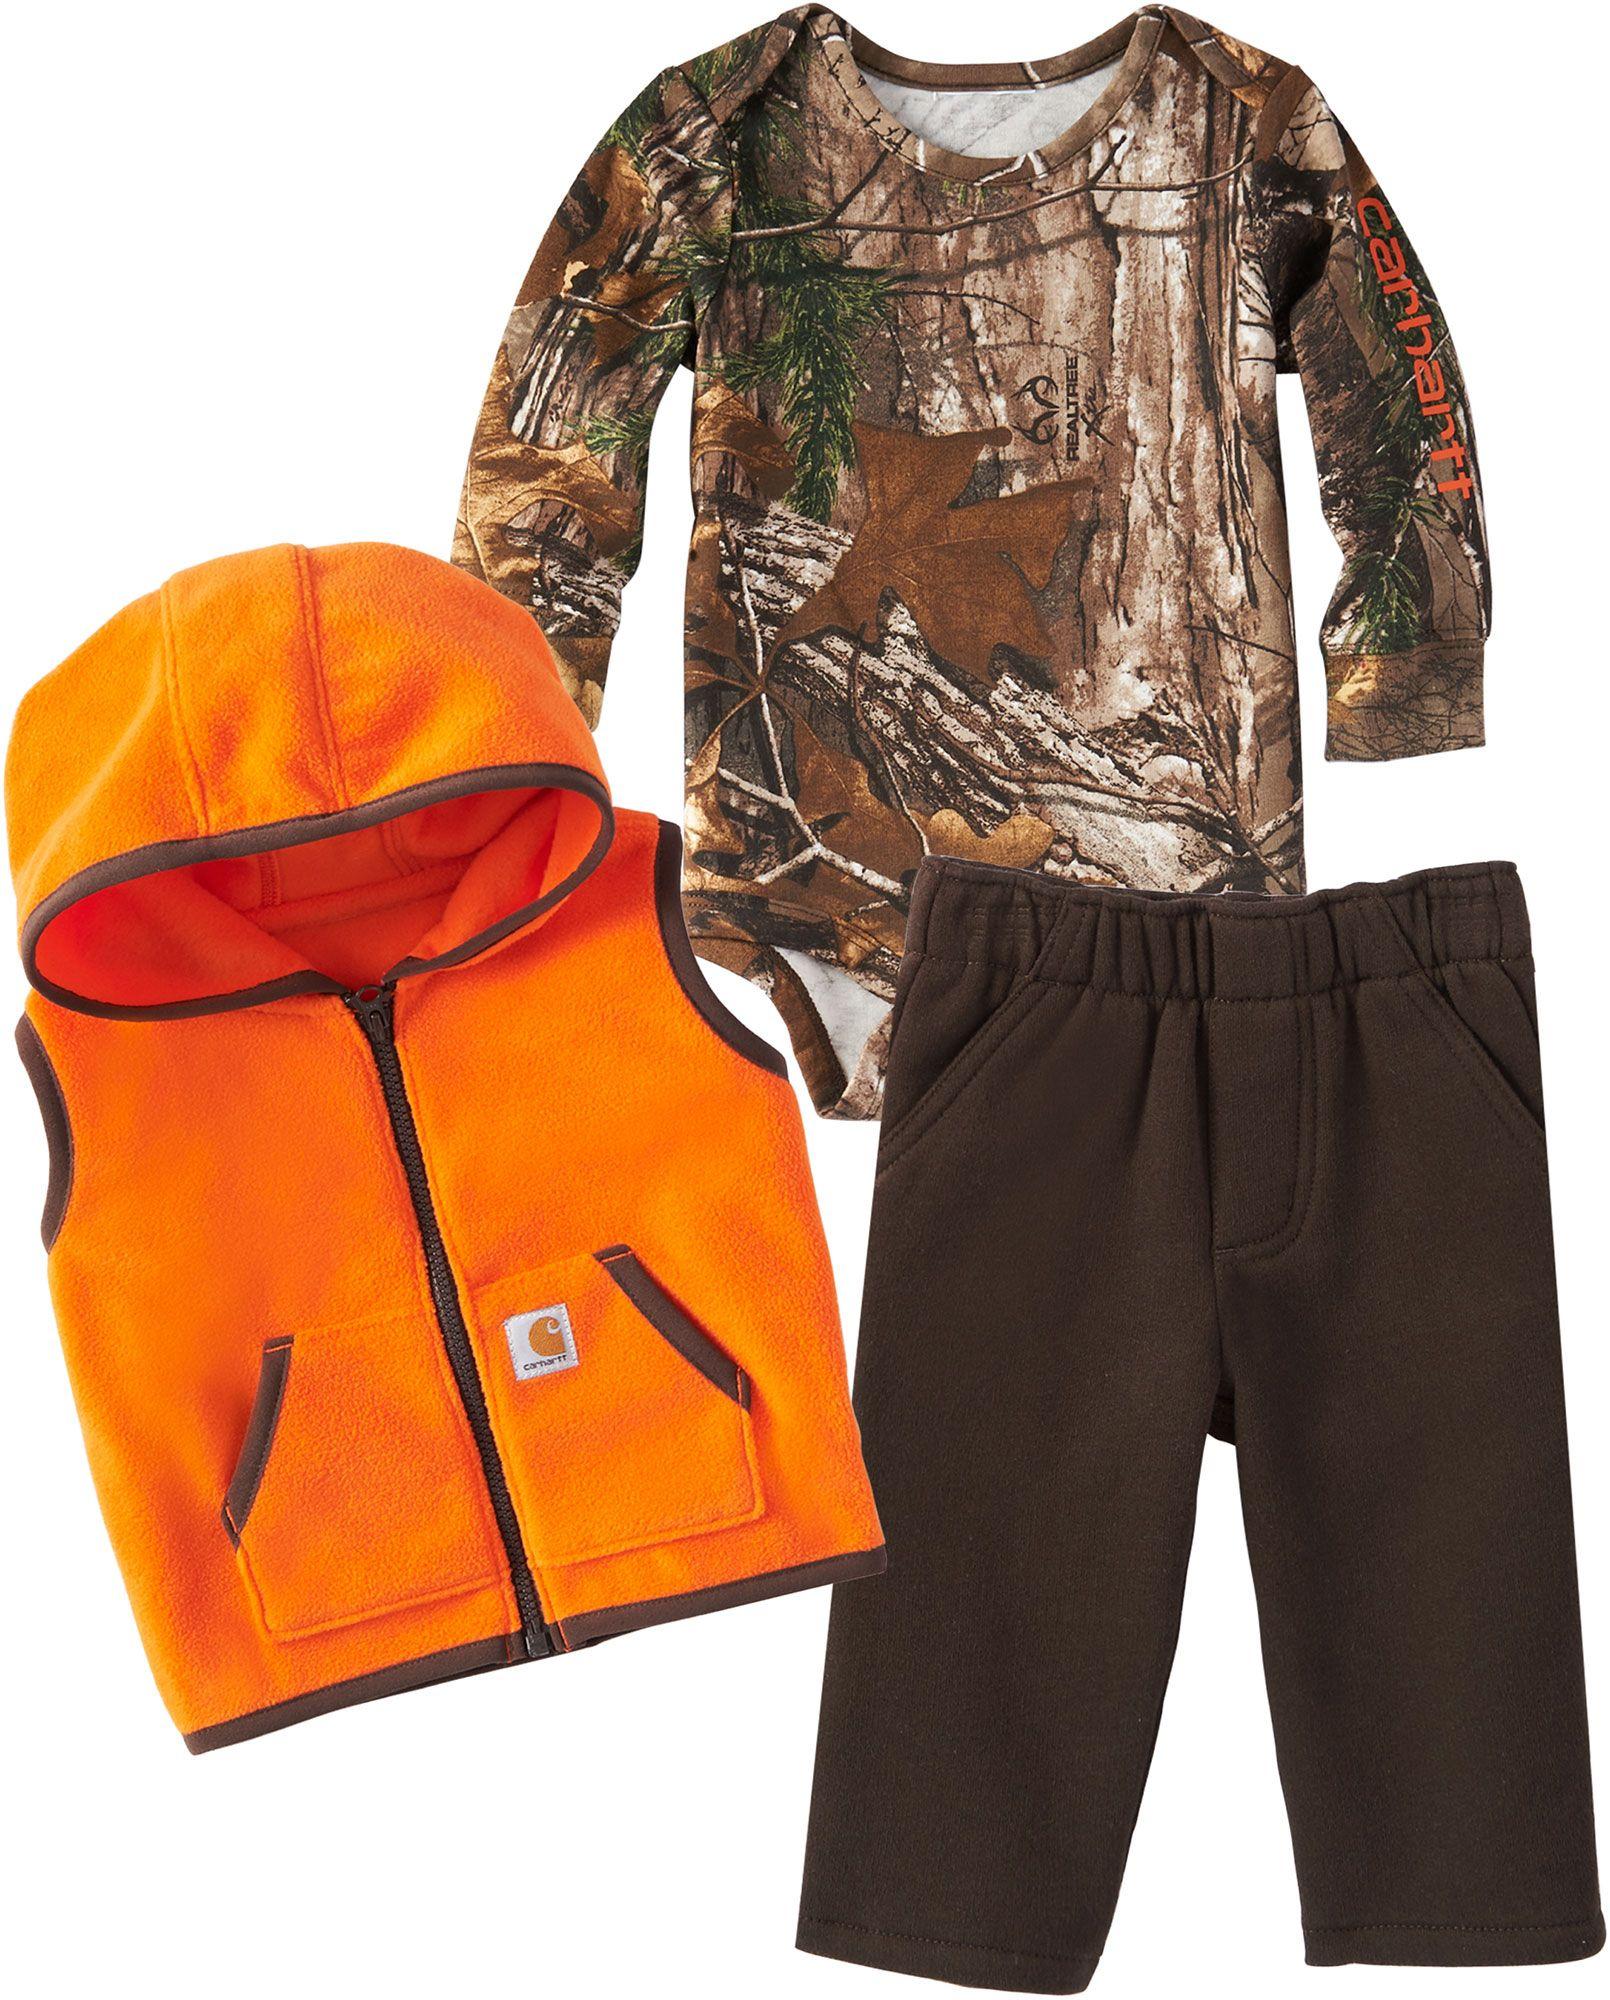 Carhartt Infant Boys' Camo 3-Piece Onesie, Vest and Pant Set, Size: 6M, Brown thumbnail